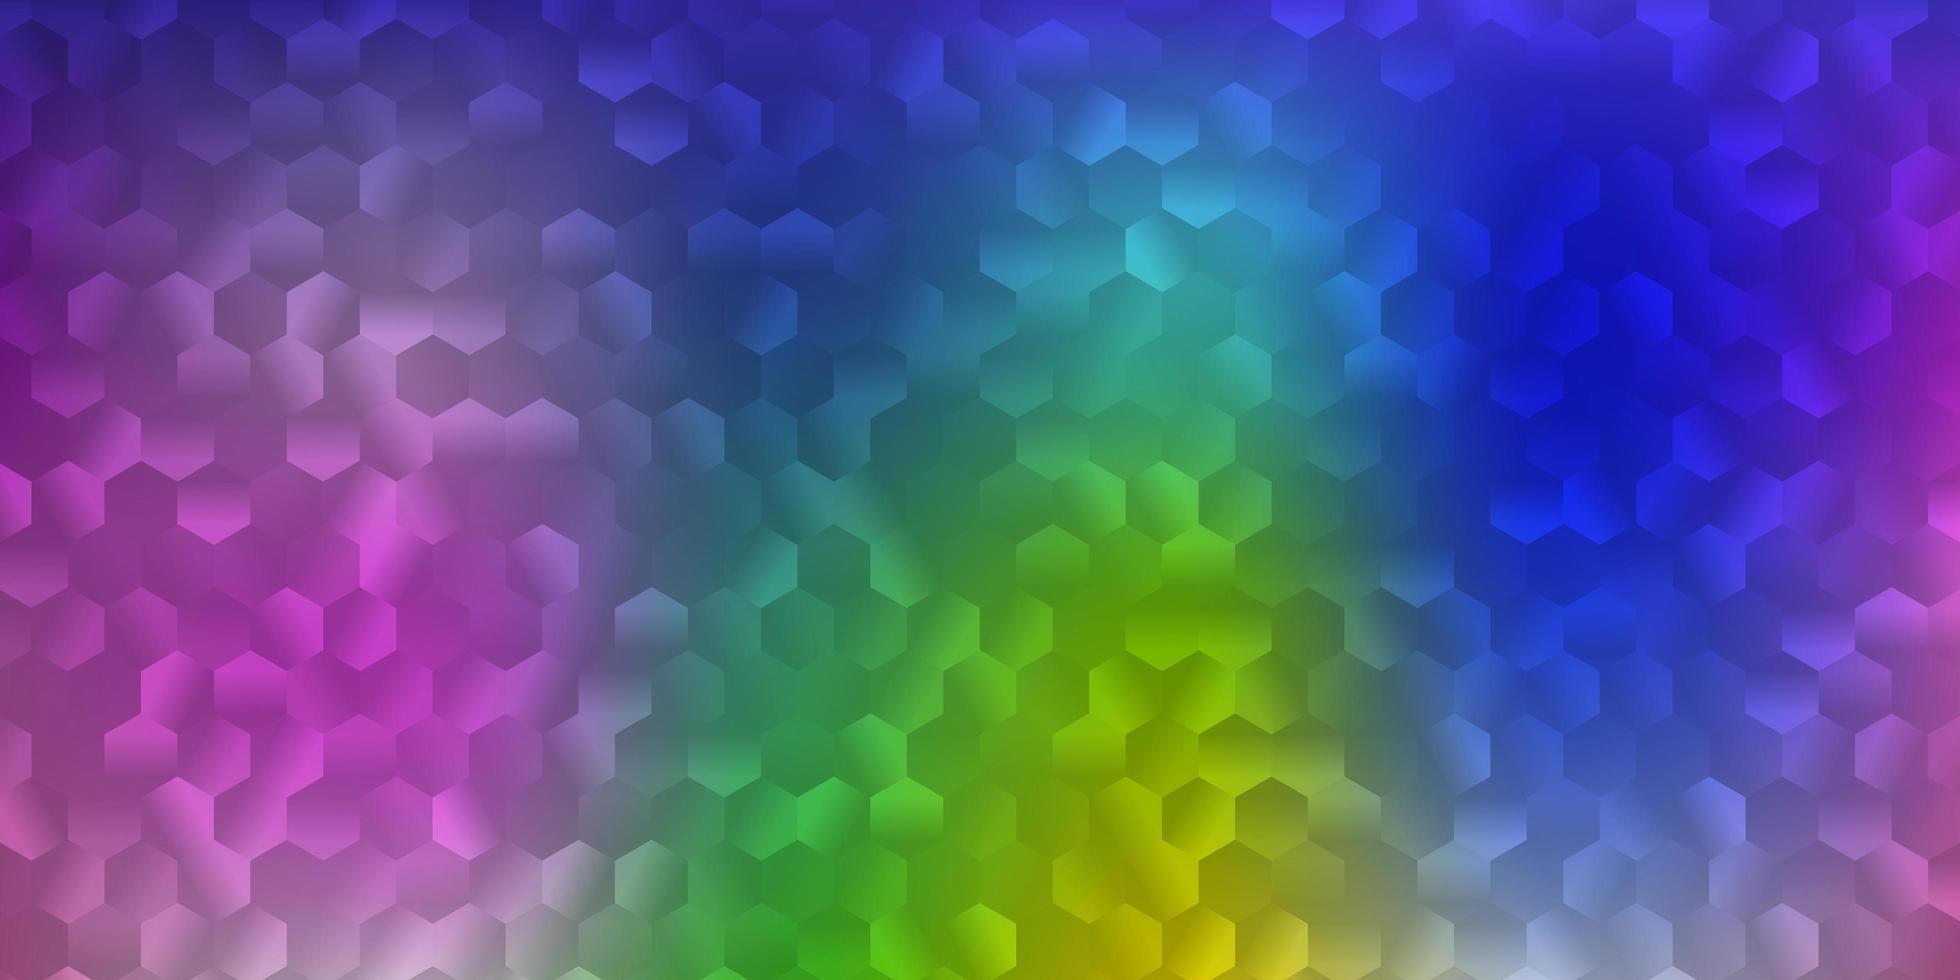 licht veelkleurige vector achtergrond met chaotische vormen.